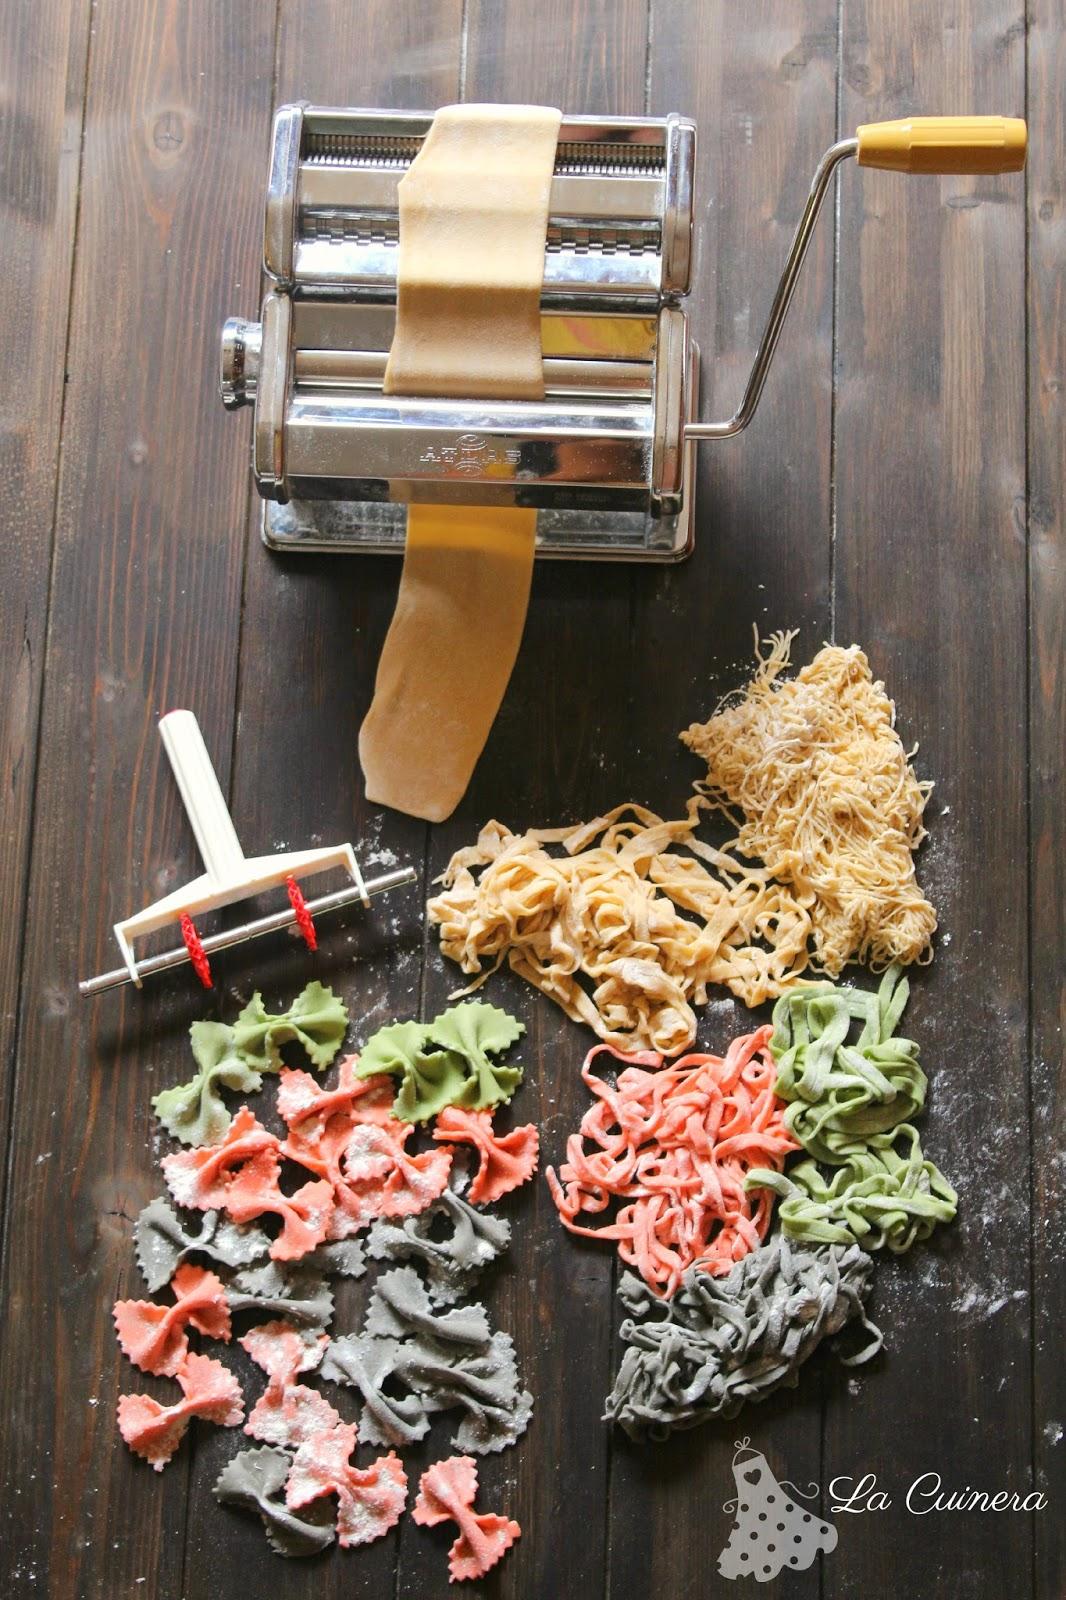 La cuinera c mo hacer pasta fresca en casa - Hacer pasta en casa ...